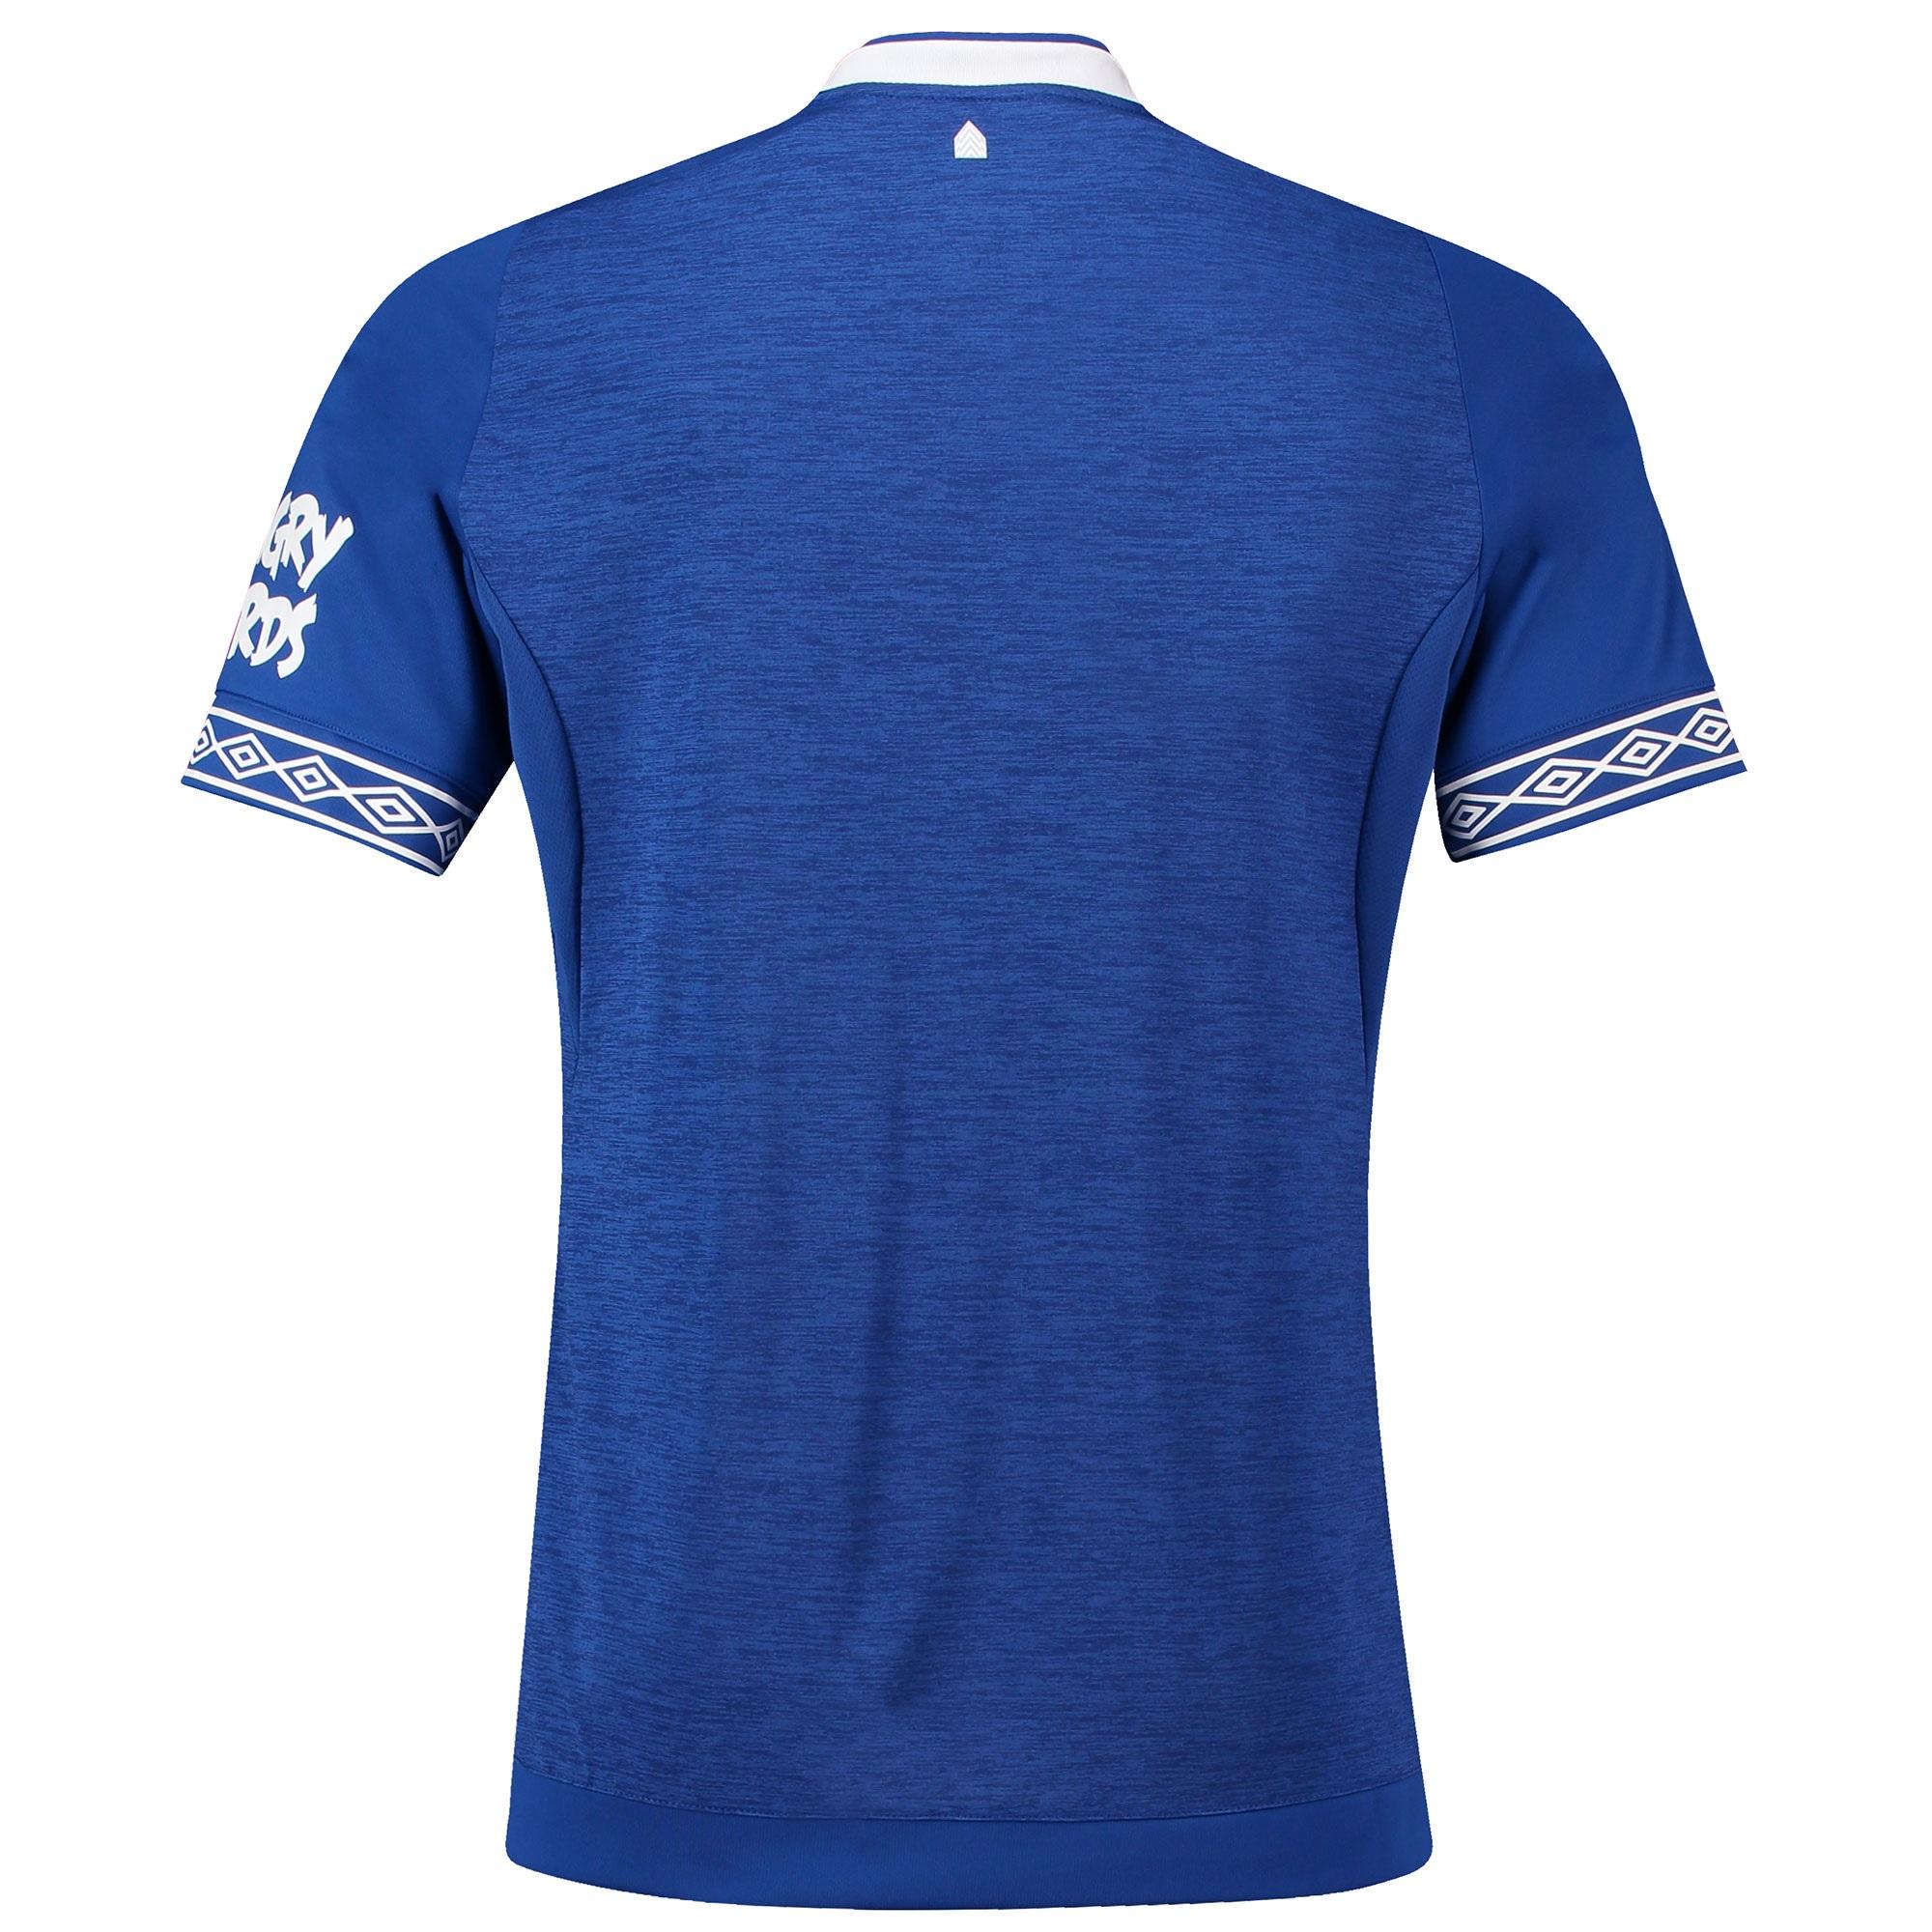 Everton shirt 18-19